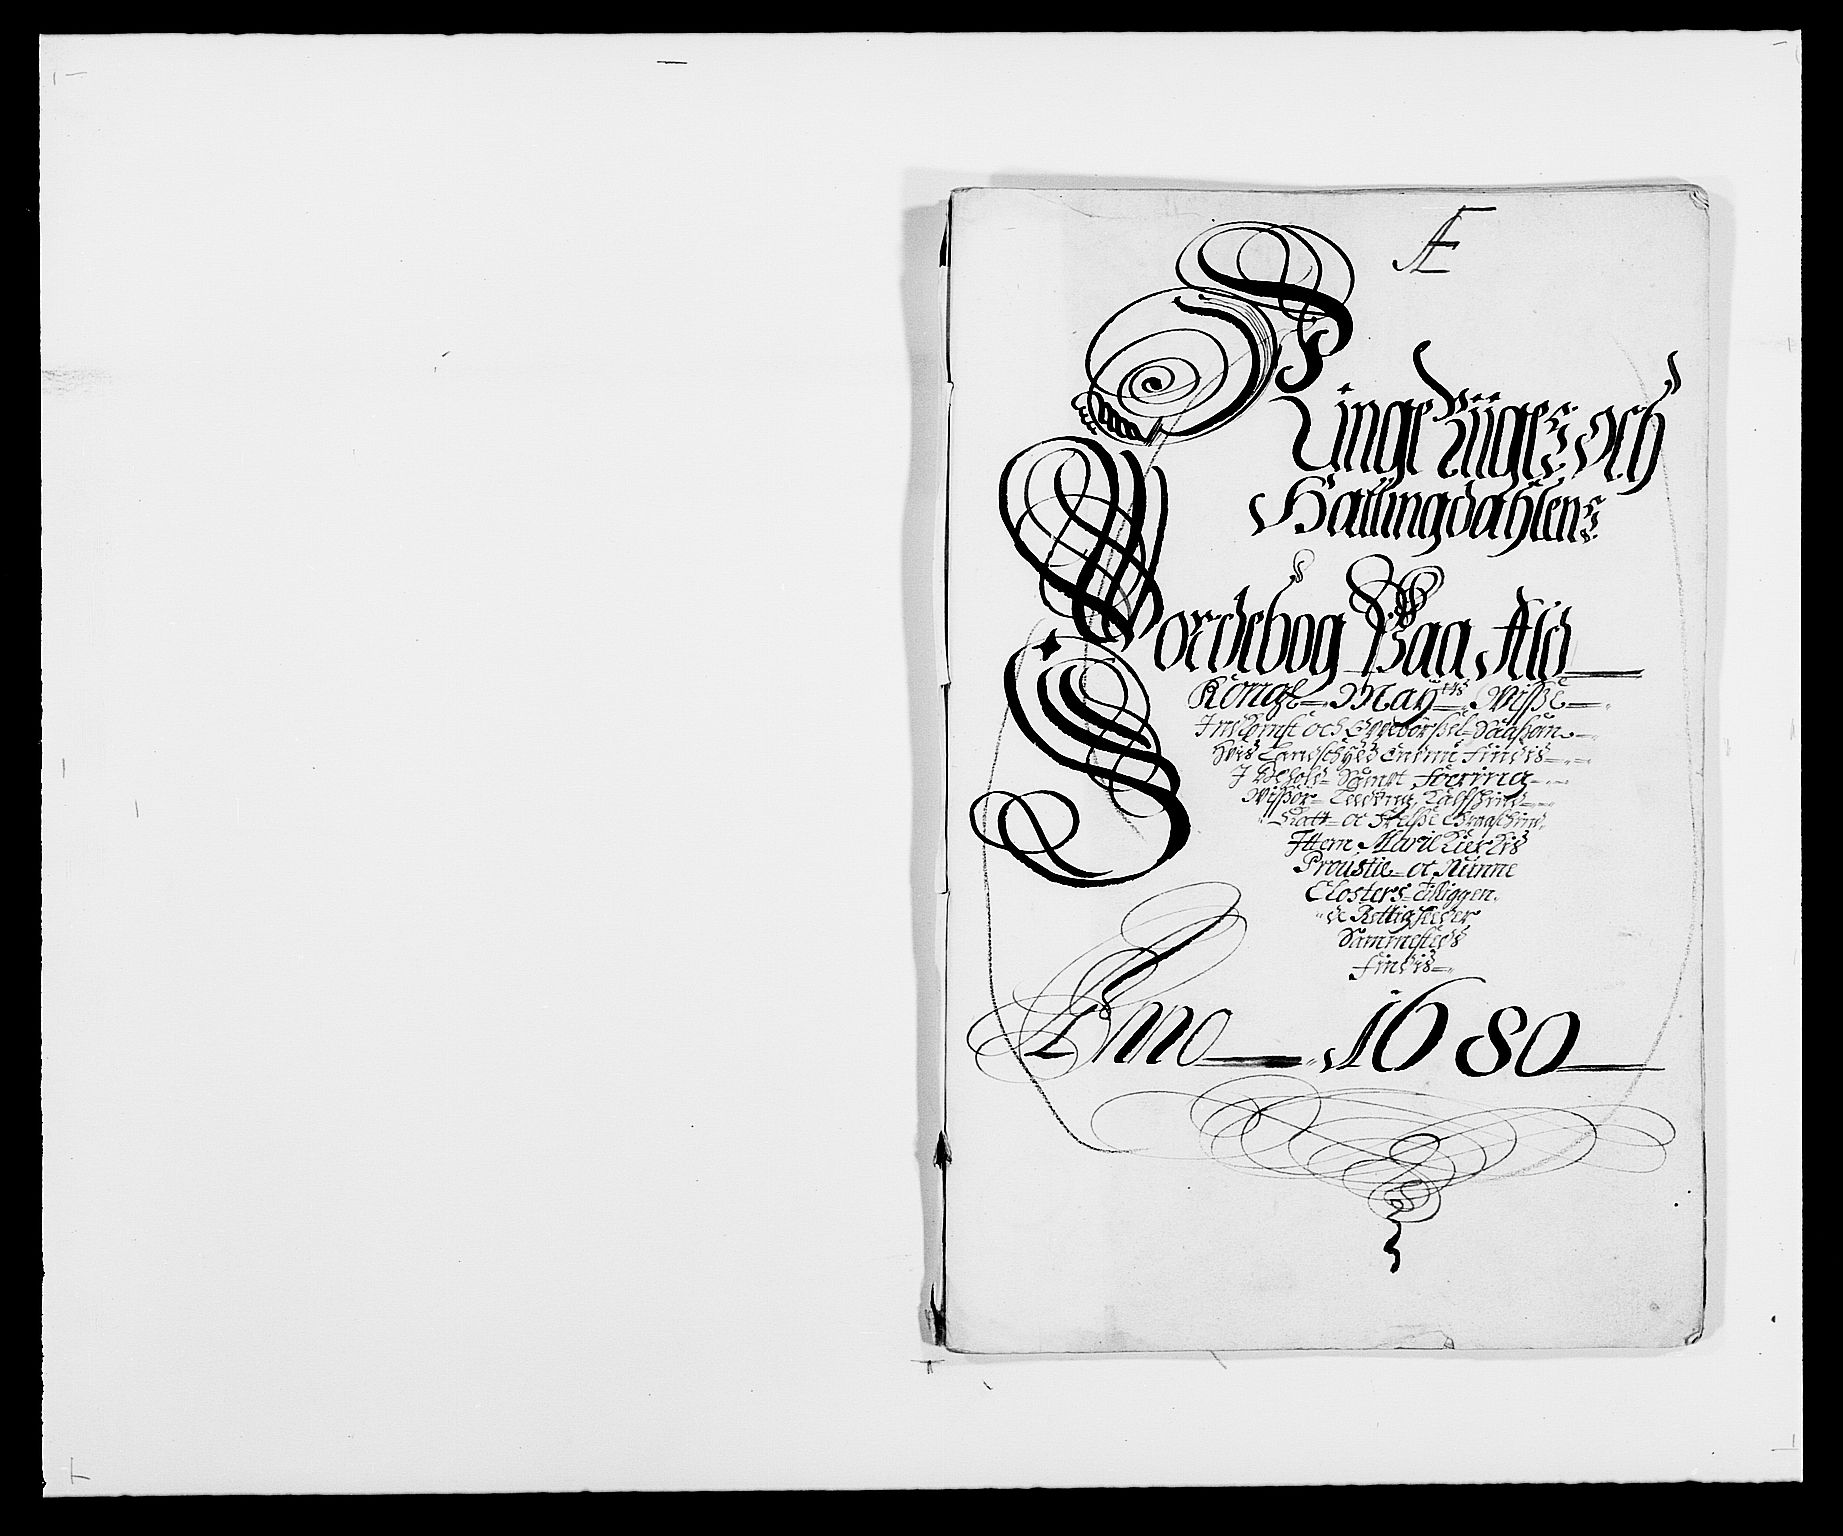 RA, Rentekammeret inntil 1814, Reviderte regnskaper, Fogderegnskap, R21/L1444: Fogderegnskap Ringerike og Hallingdal, 1680-1681, s. 11